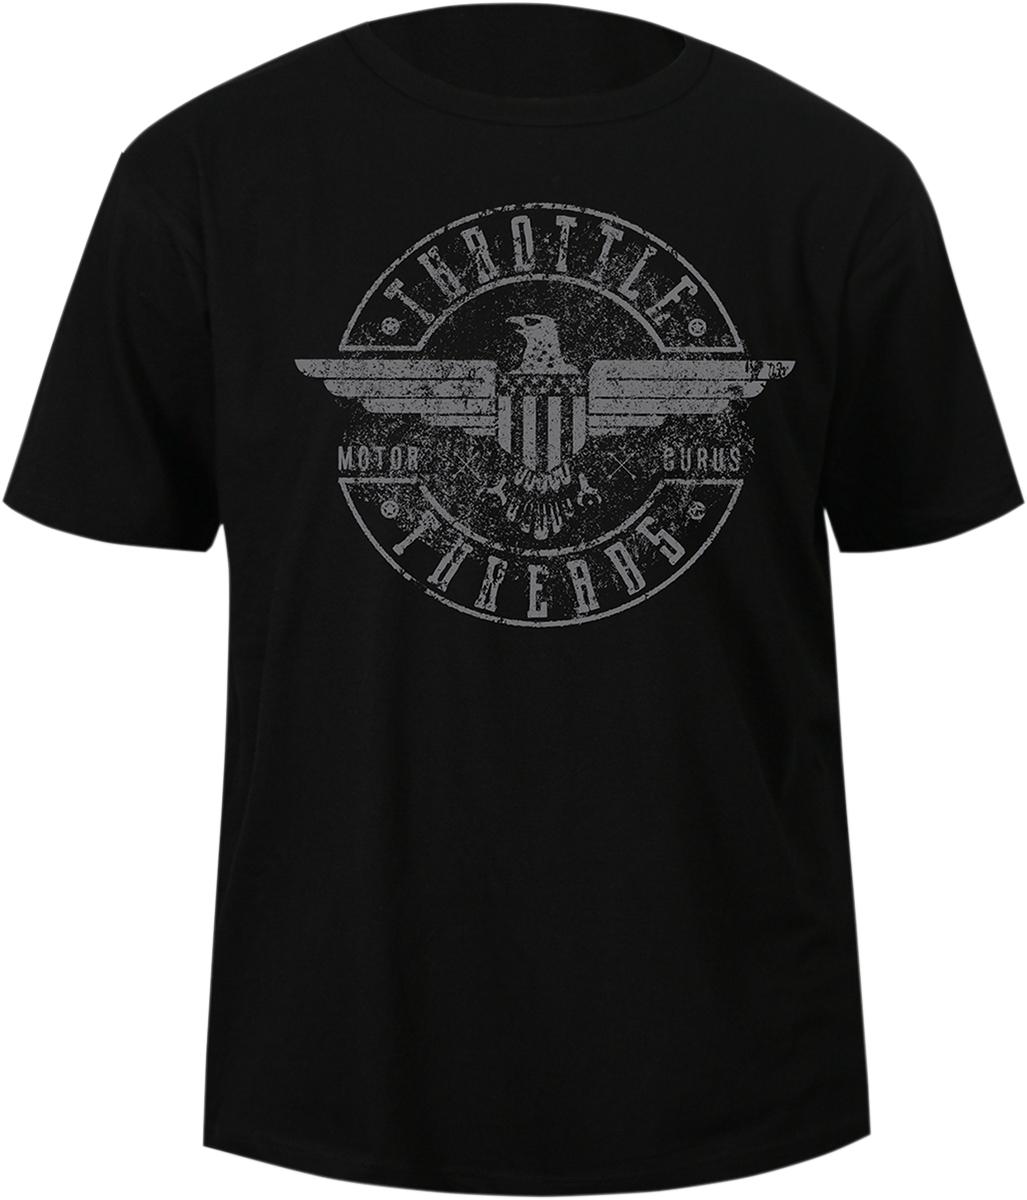 Regal Eagle T Shirt